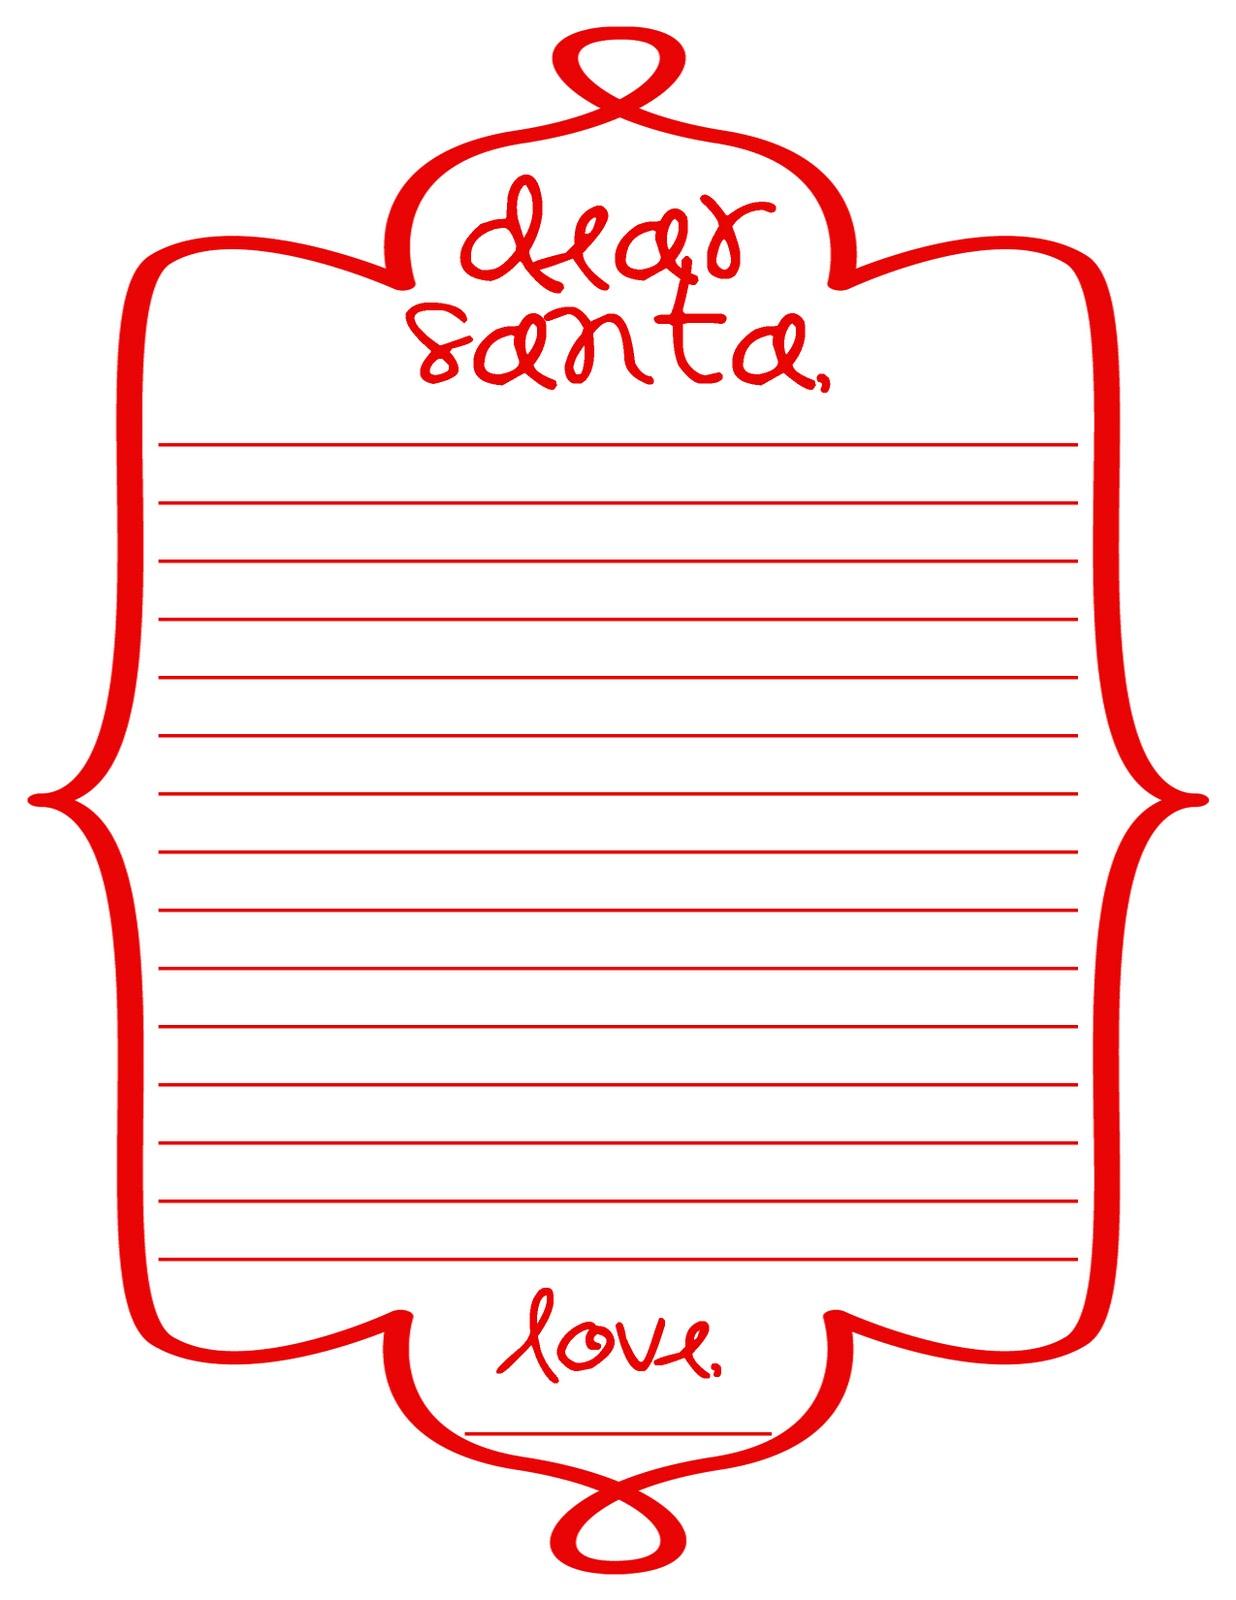 santa wish list template – Santa Wish List for Kids